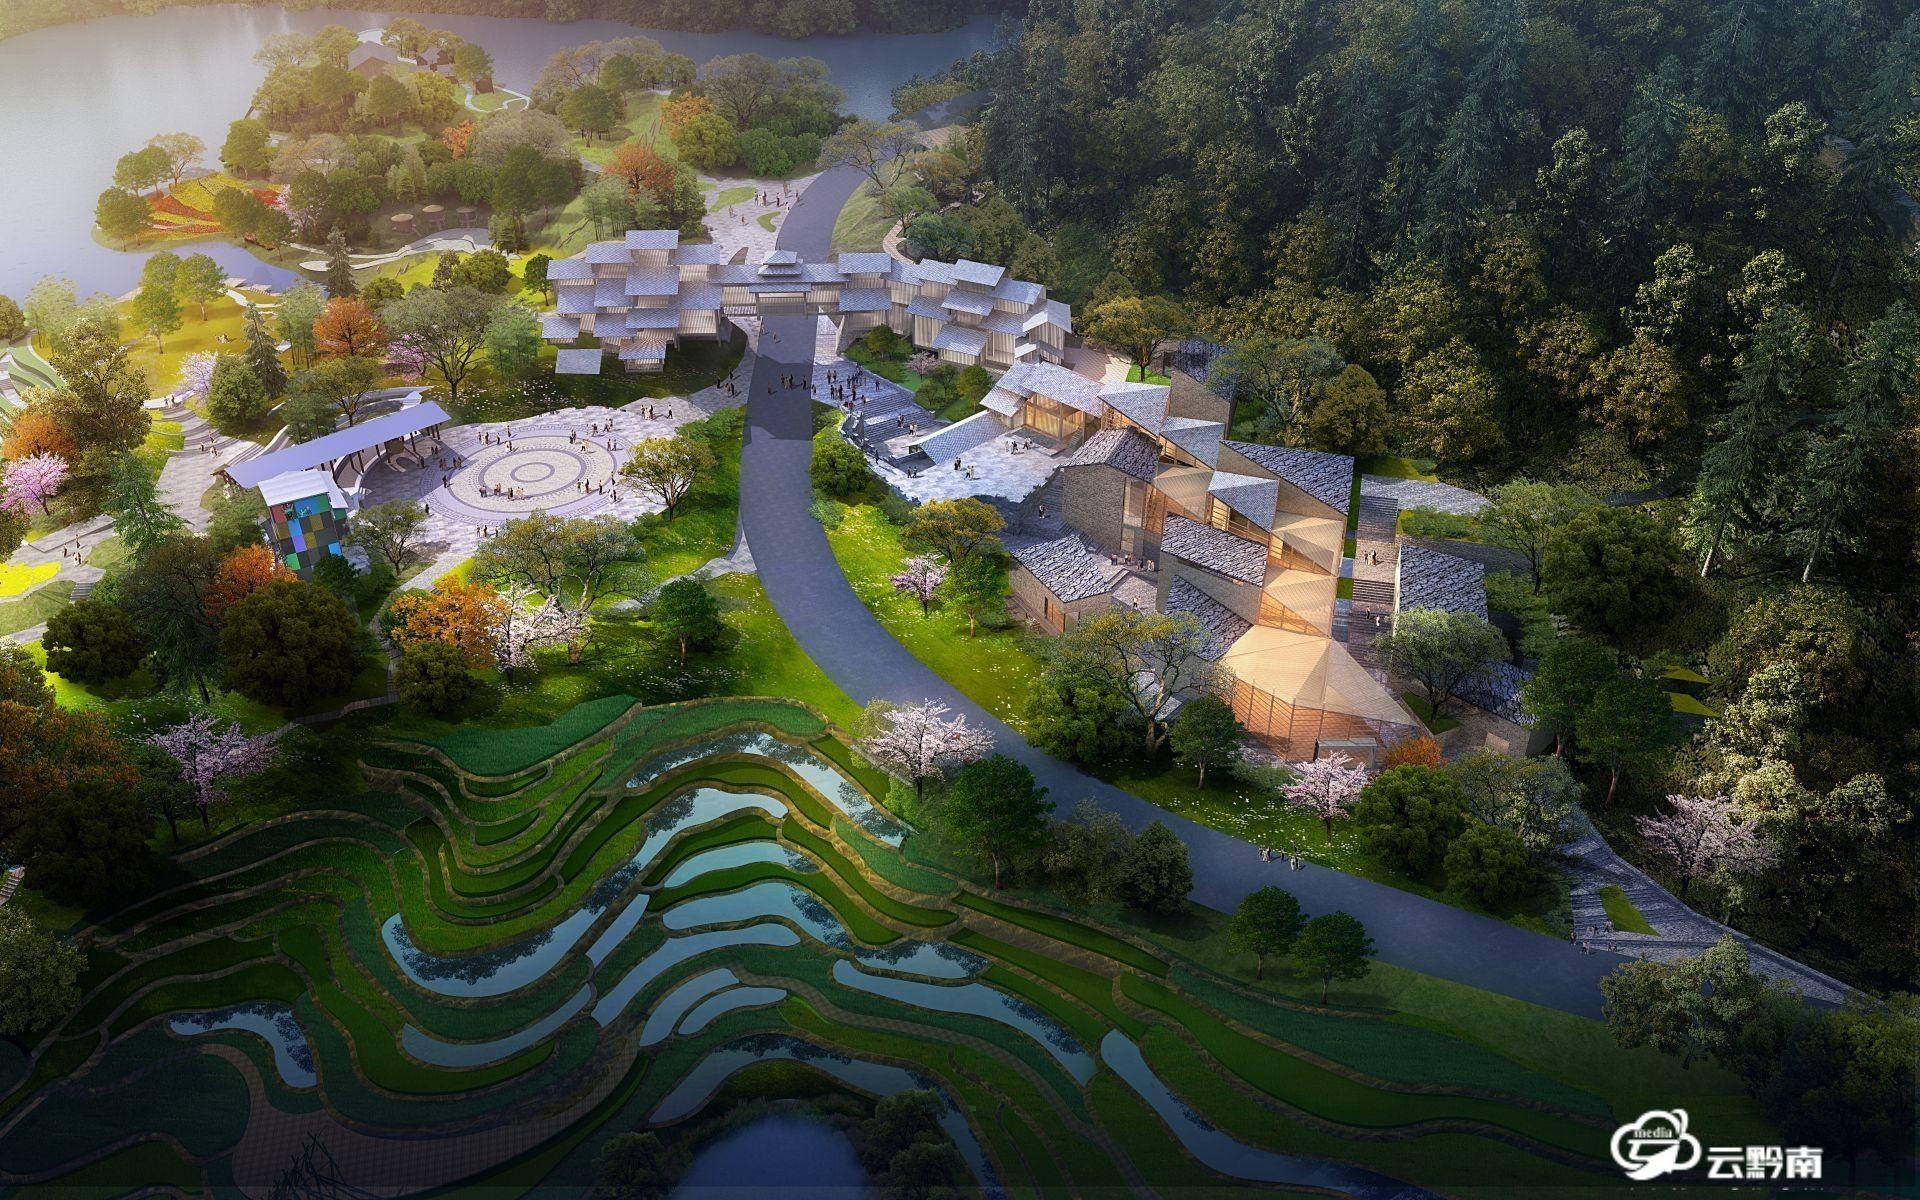 【綠博園建設進行時】貴州園主體建筑已完工植物種植凸顯鄉土情懷